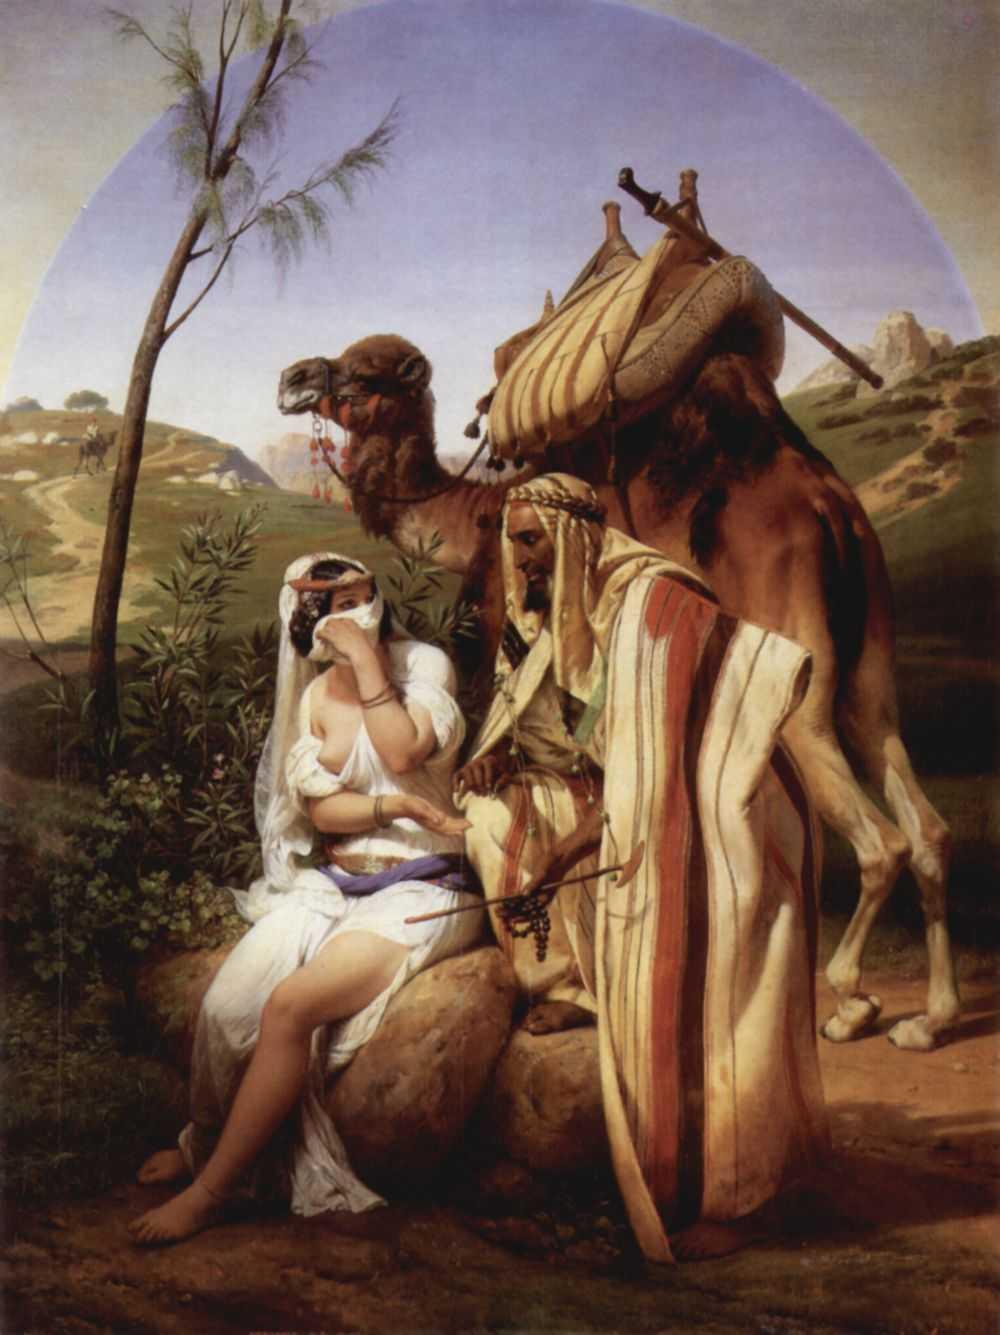 Emil-Jean-Oras Vernet. Judah and Tamar